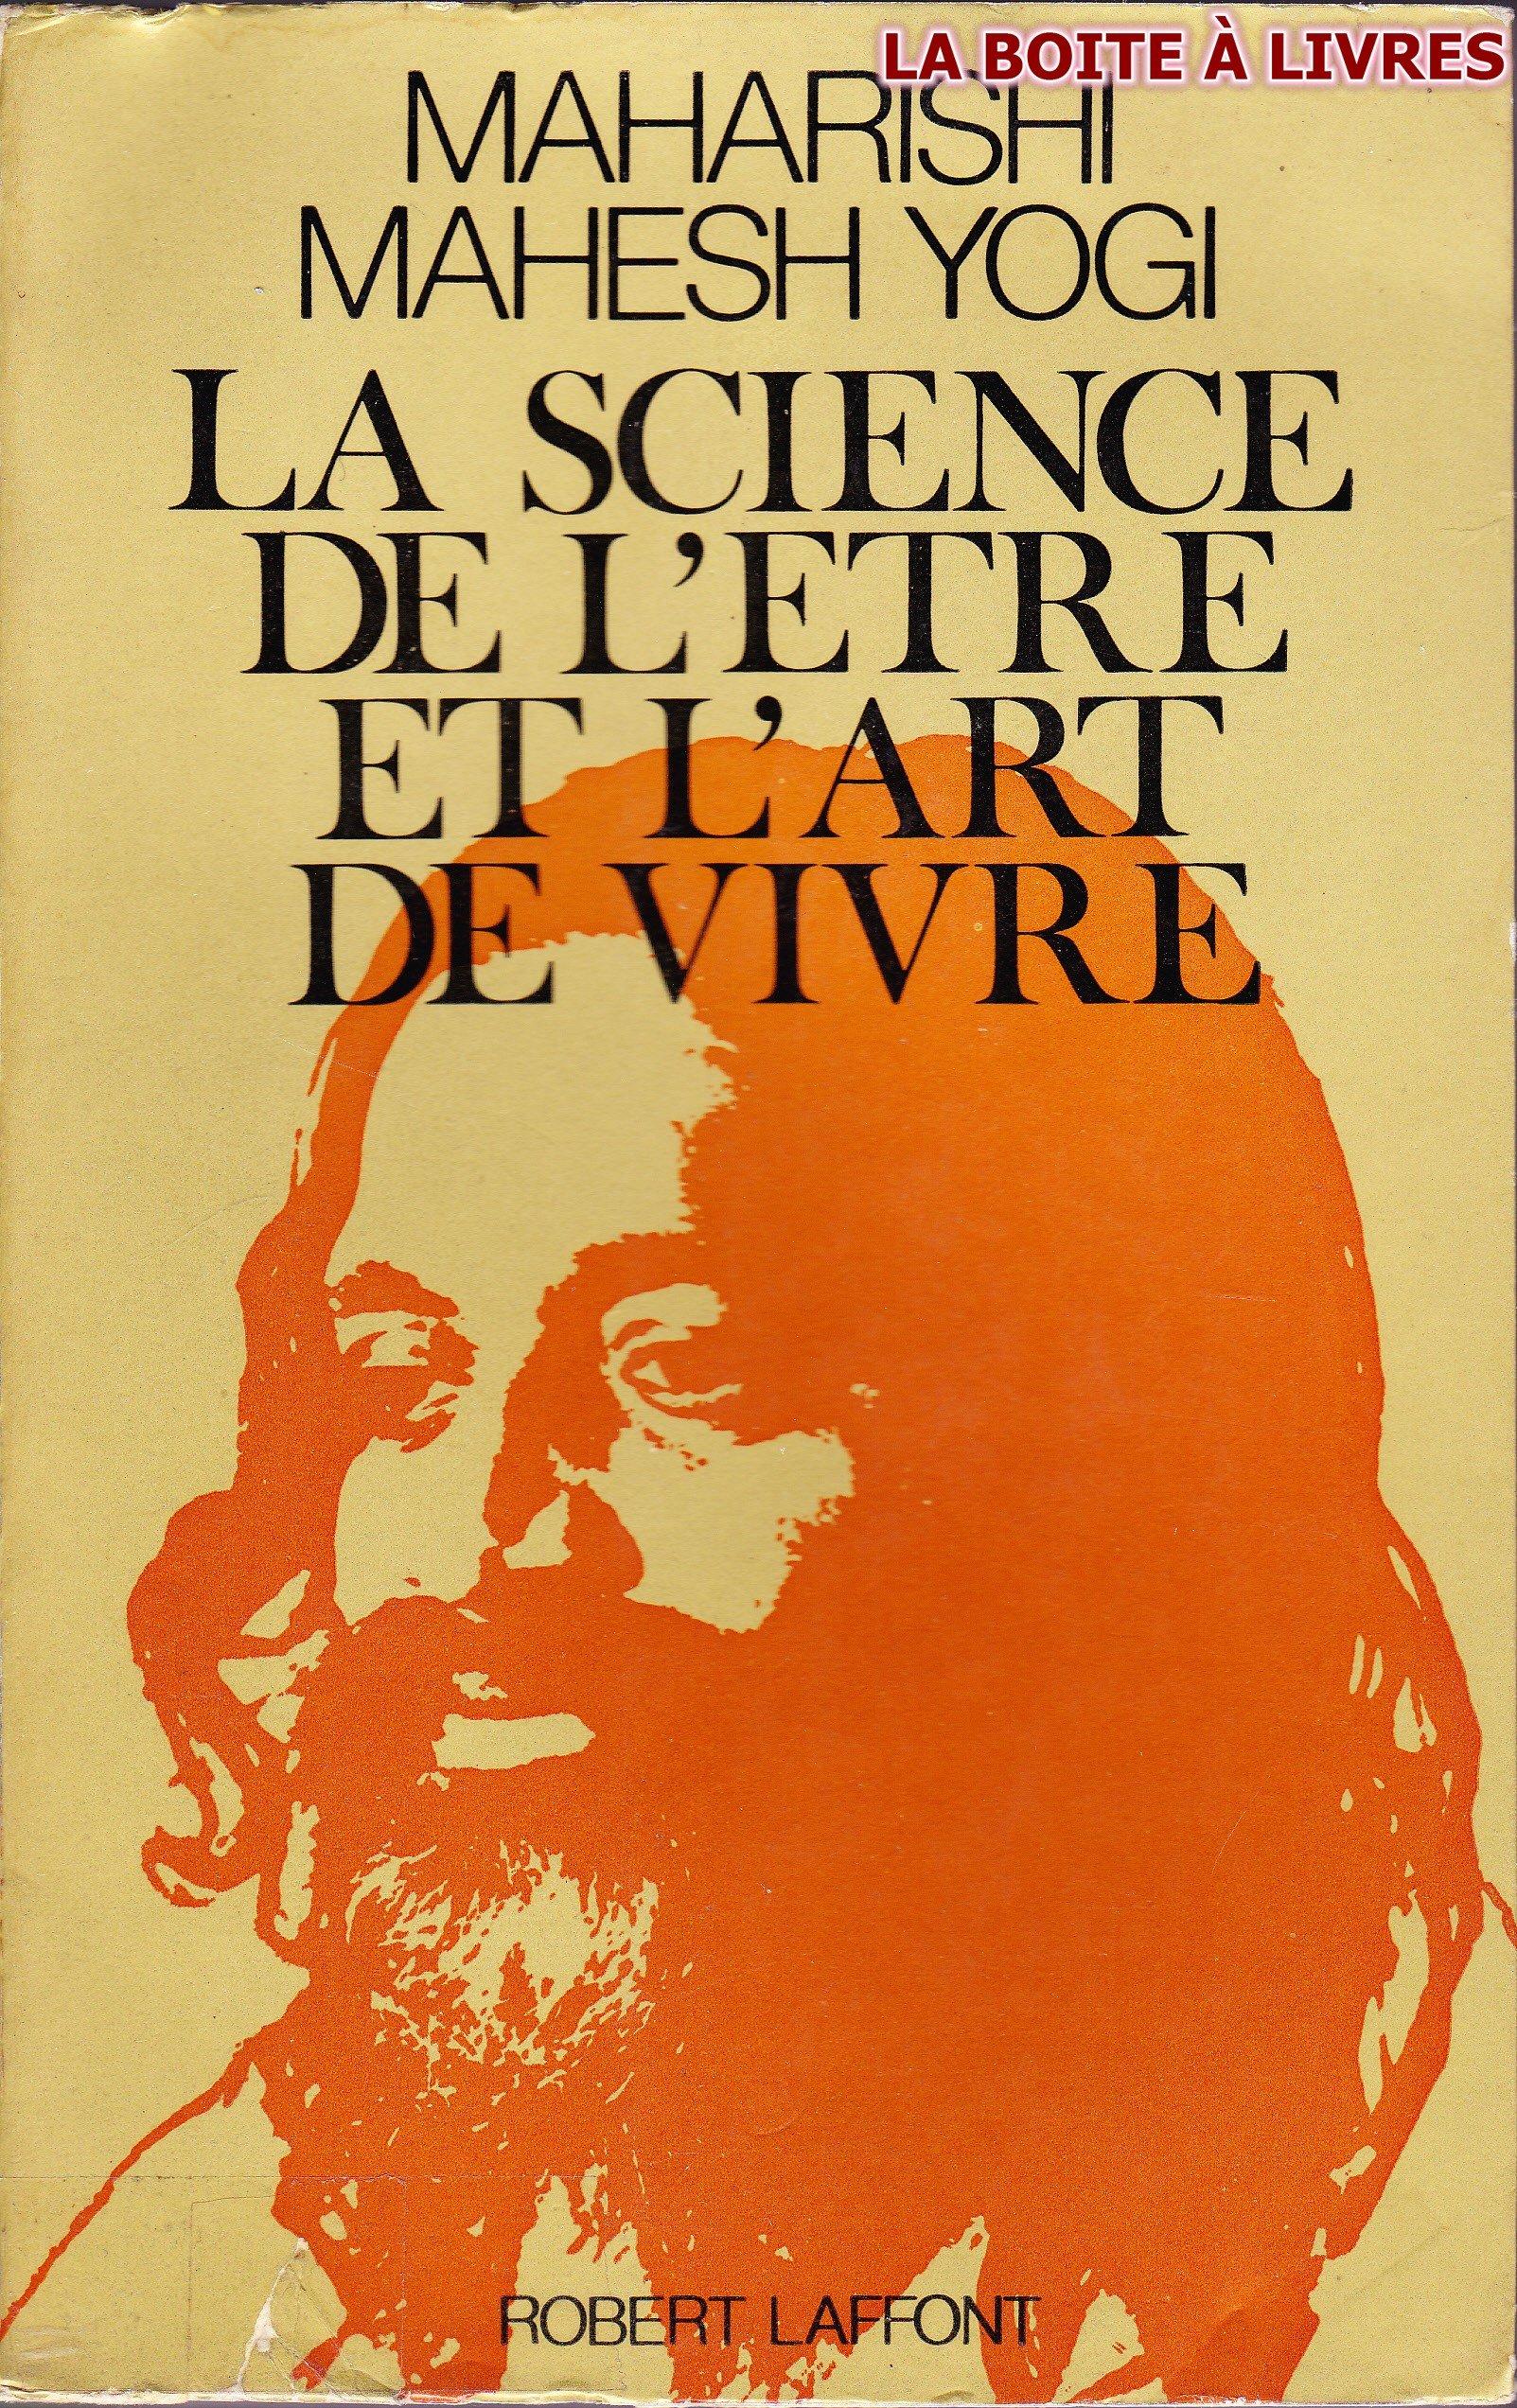 La science de l'etre et l'art de vivre. MAHARISHI MAHESH YOGI. ROBERT LAFFONT B005EPS22Y